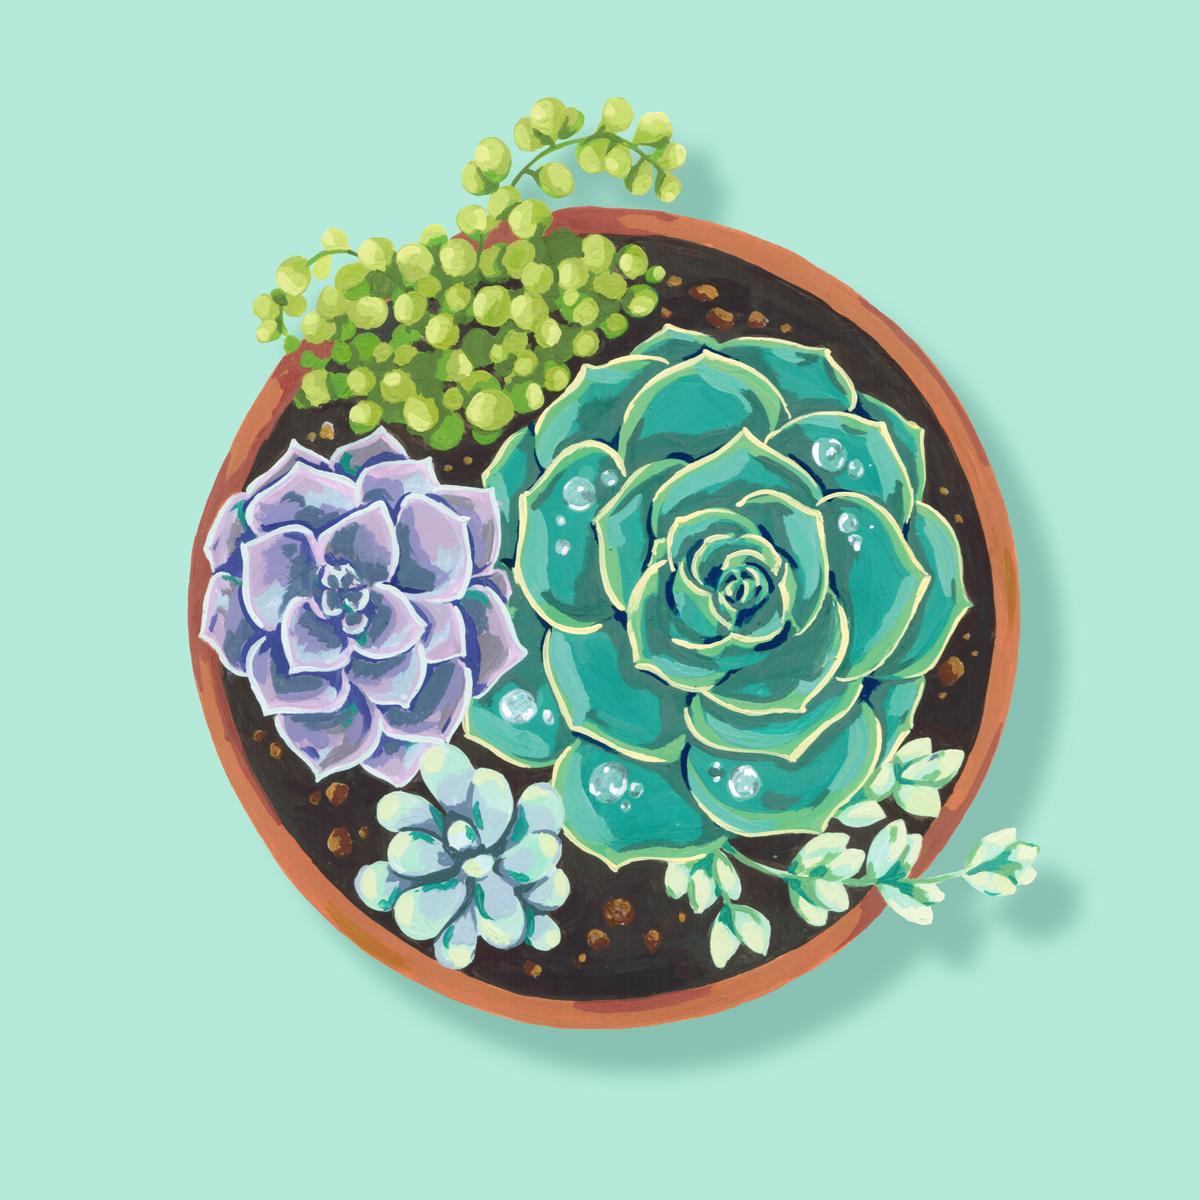 AndreaGonzalez_Themes_Home&Garden_Web.jpg